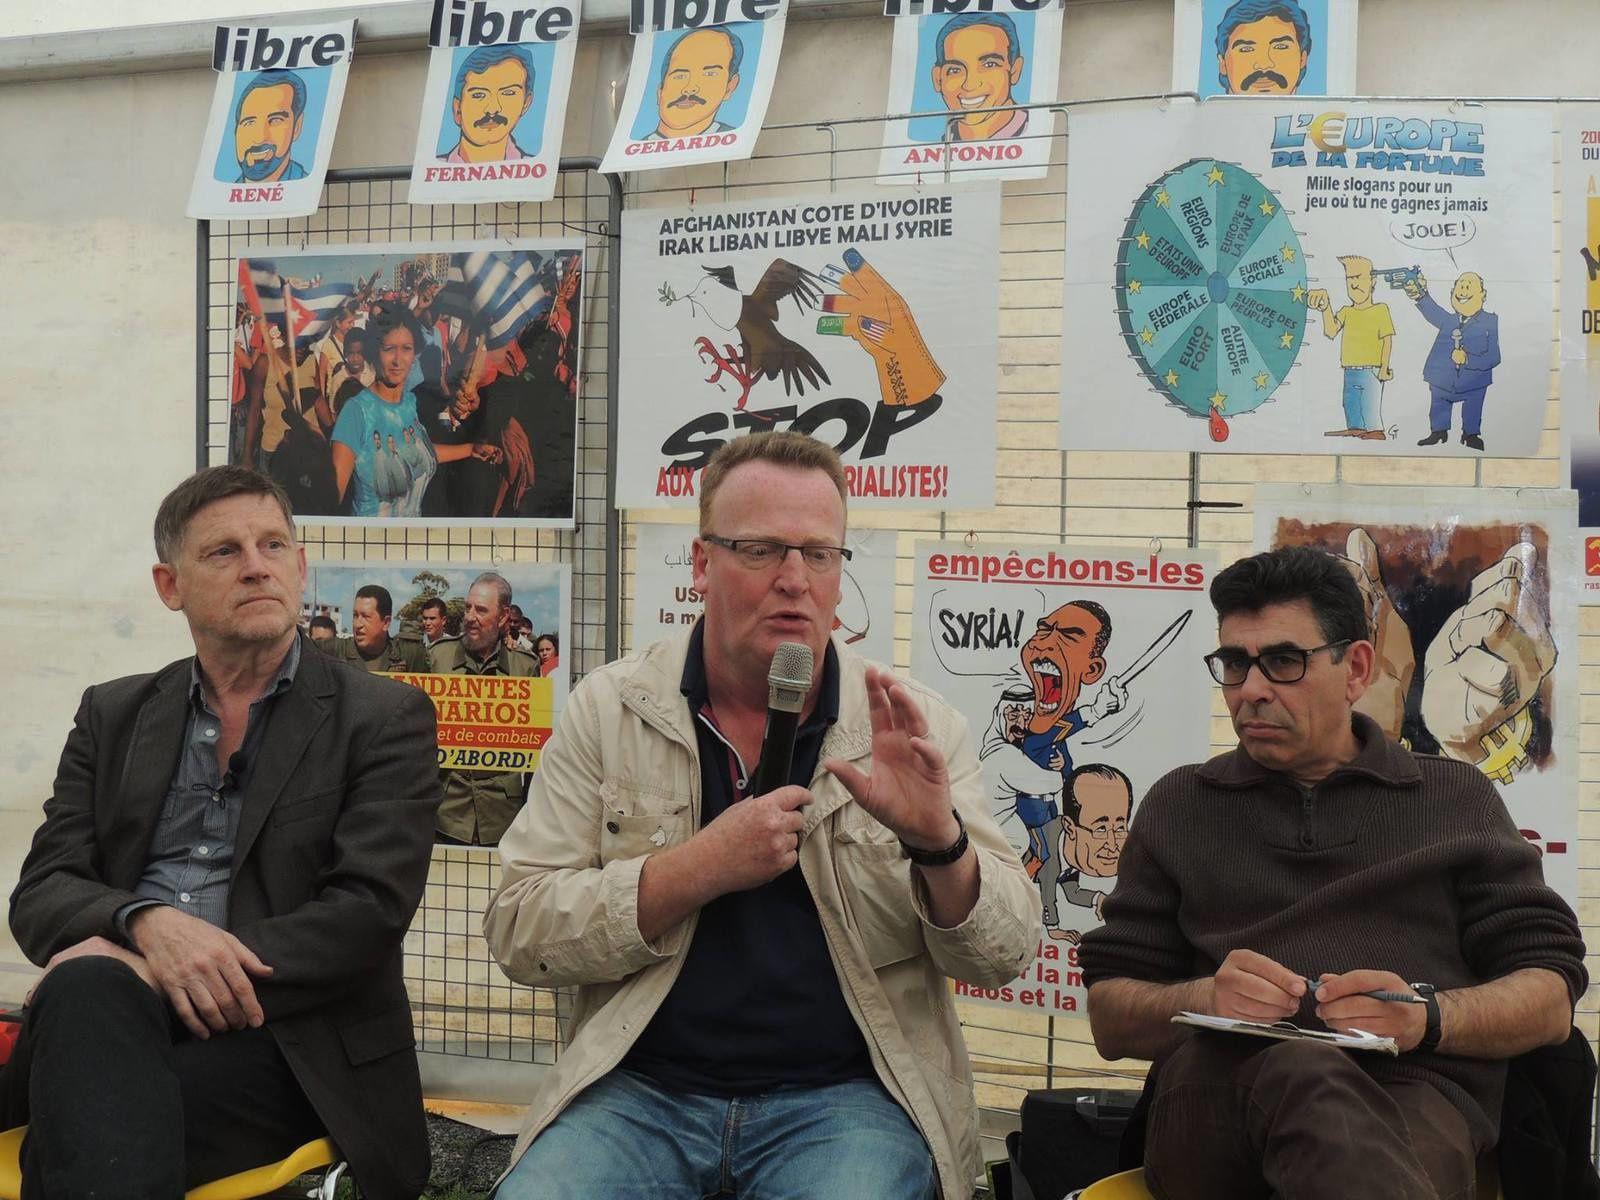 Fête l'Humain d'Abord 2015 à Avion débat avec la participation de Michel Collon et Saïd Bouamama.